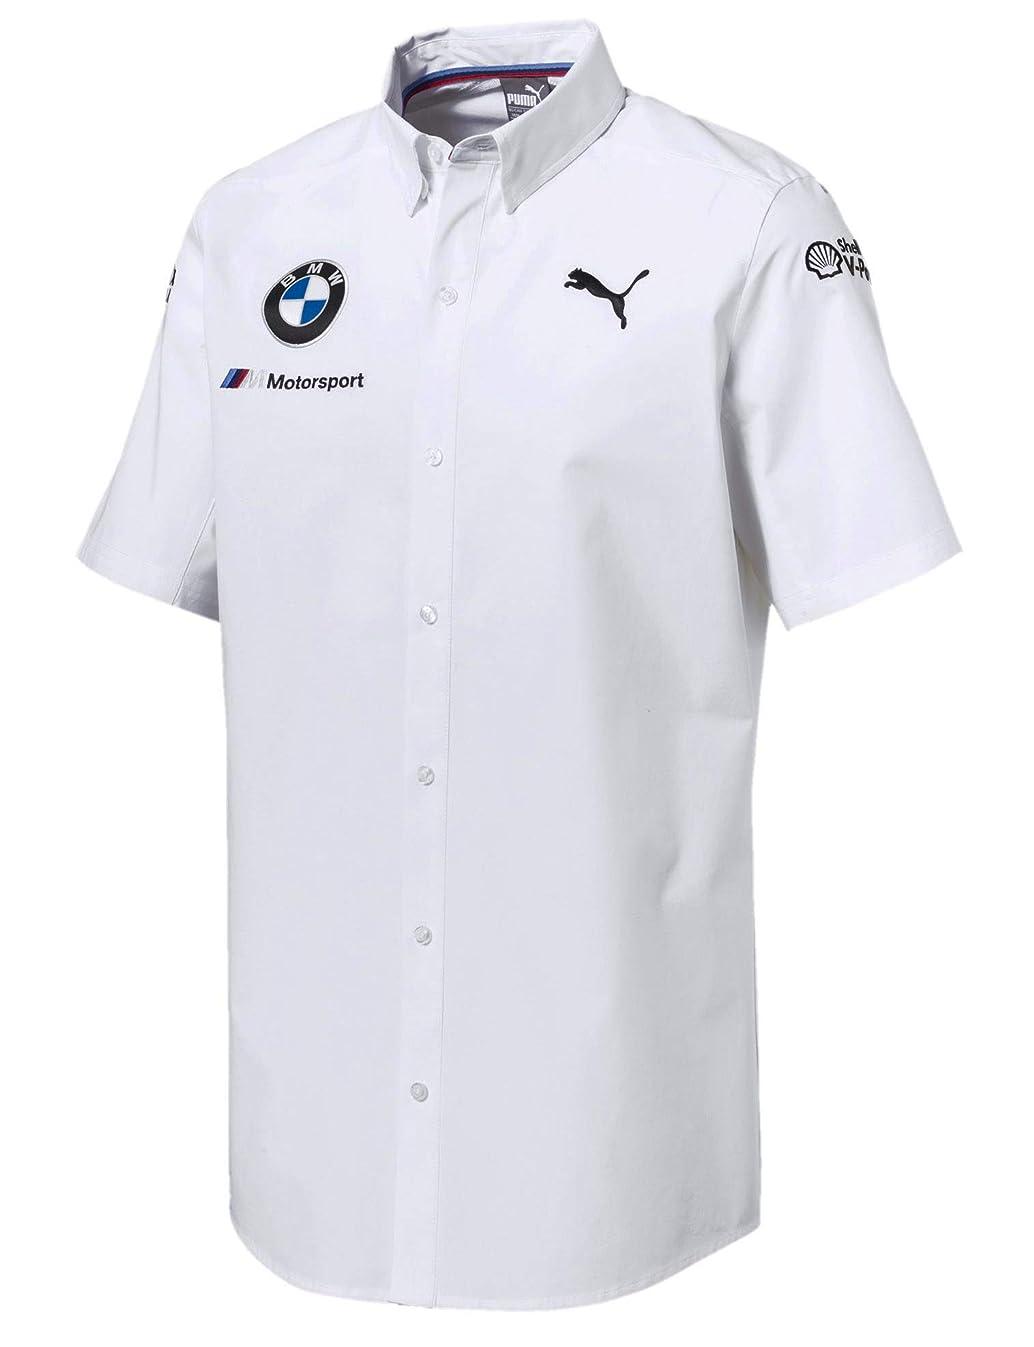 狂ったホームレス持続的[ BMW ] BMW モータースポーツ オフィシャル レプリカ レースシャツ ホワイト